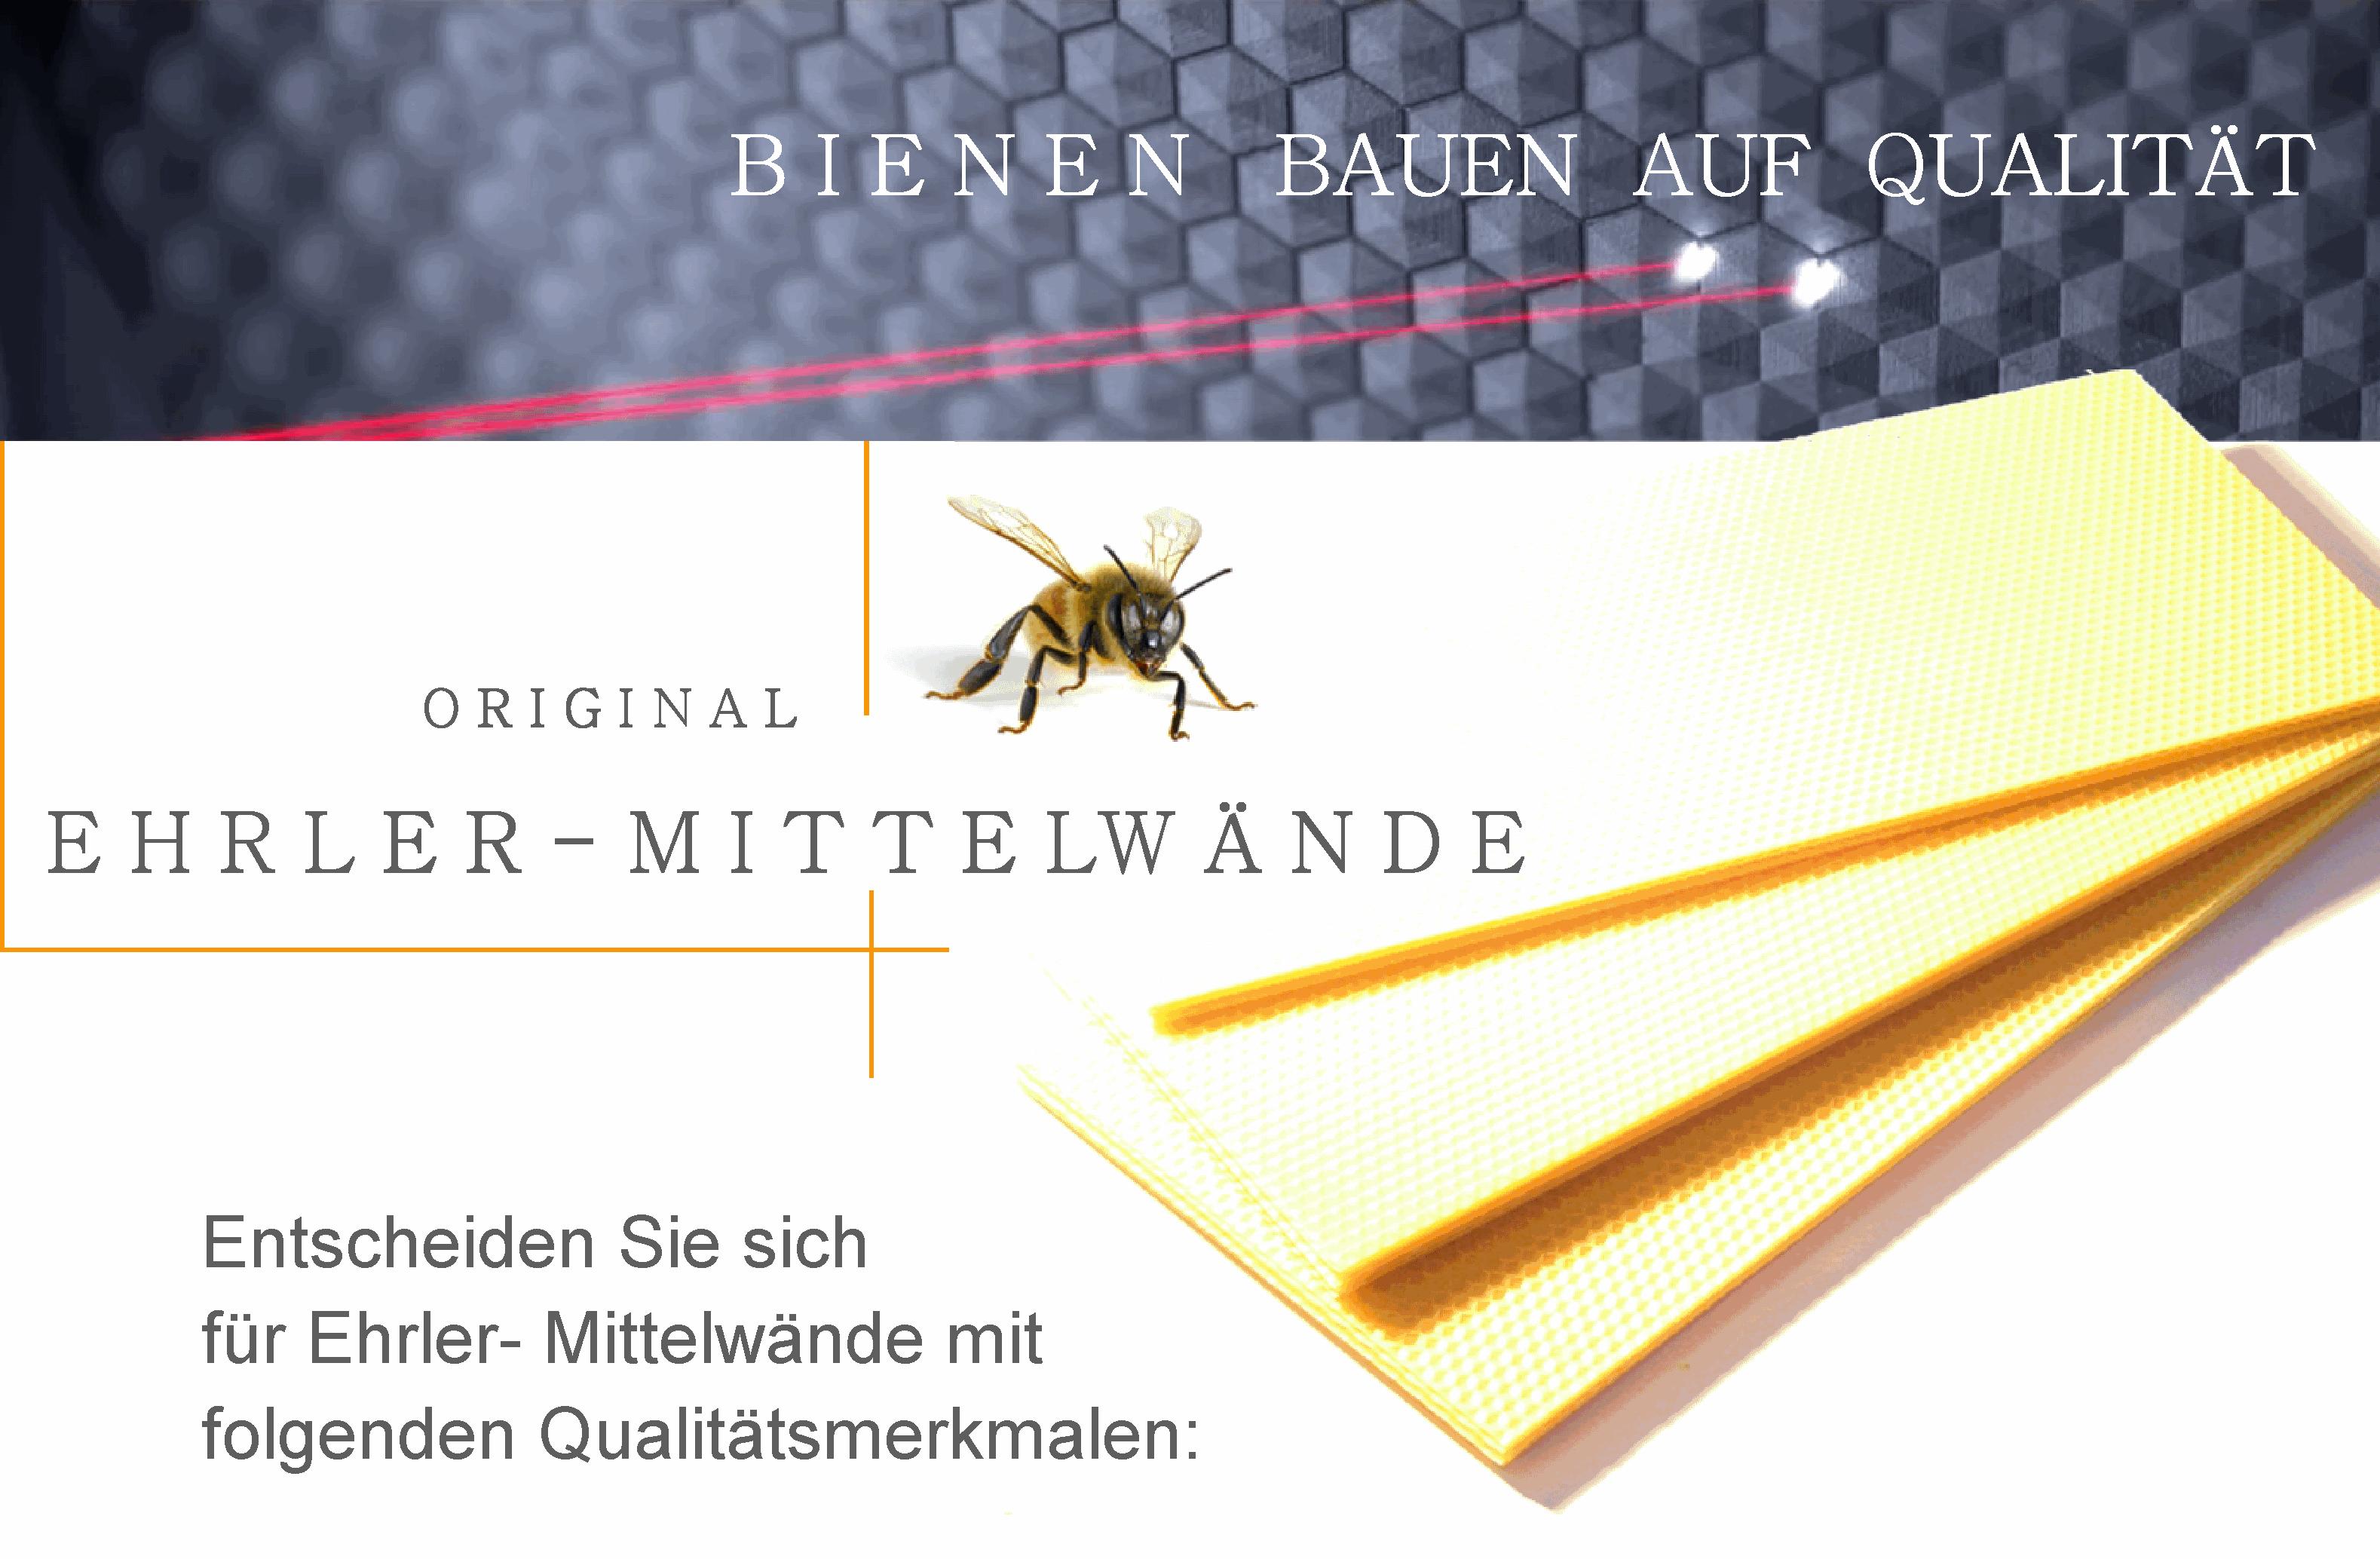 Bienen bauen auf Qualität